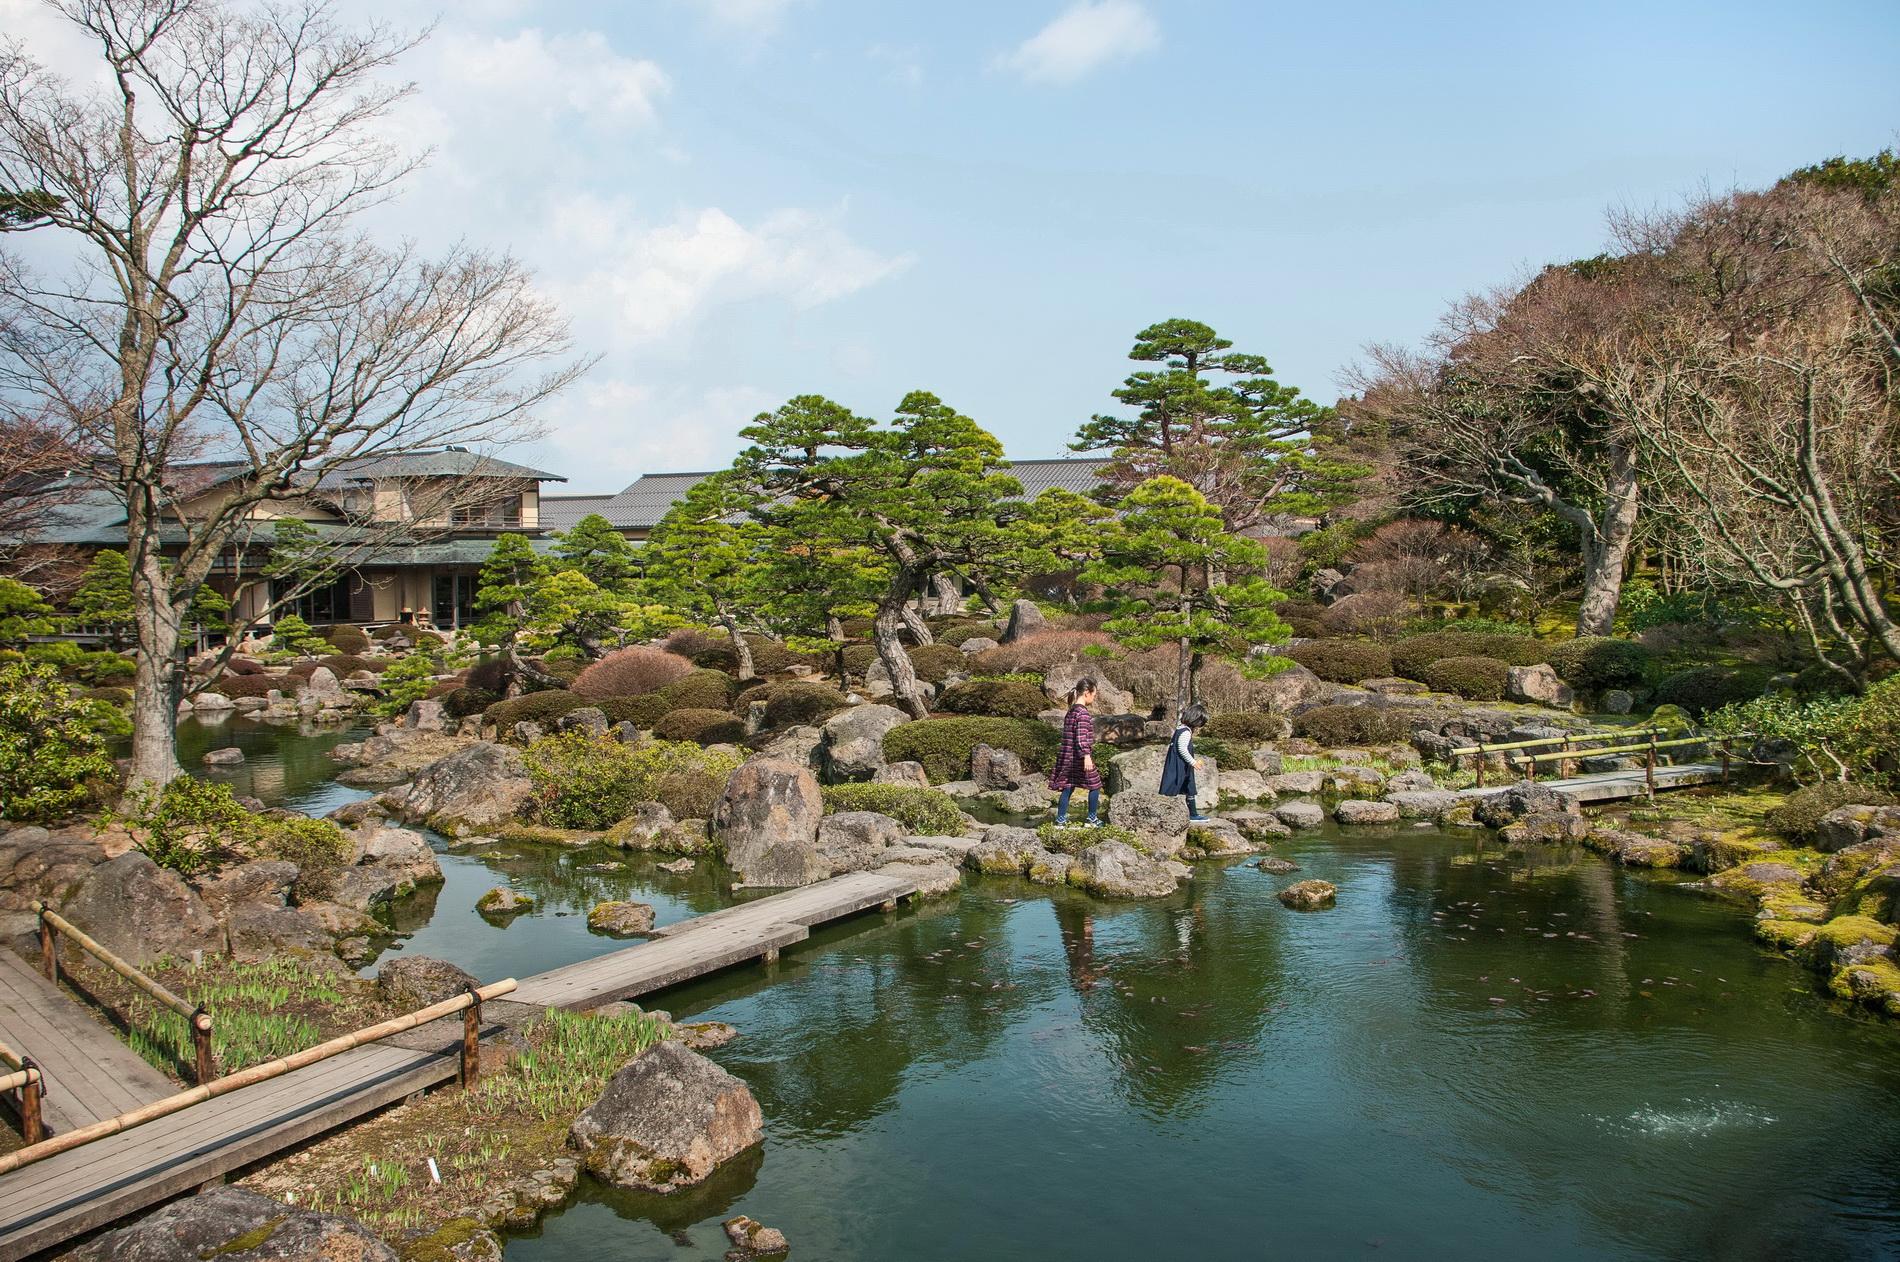 Le Jardin Japonais Yuushien 由志園 Decouvrez Matsue